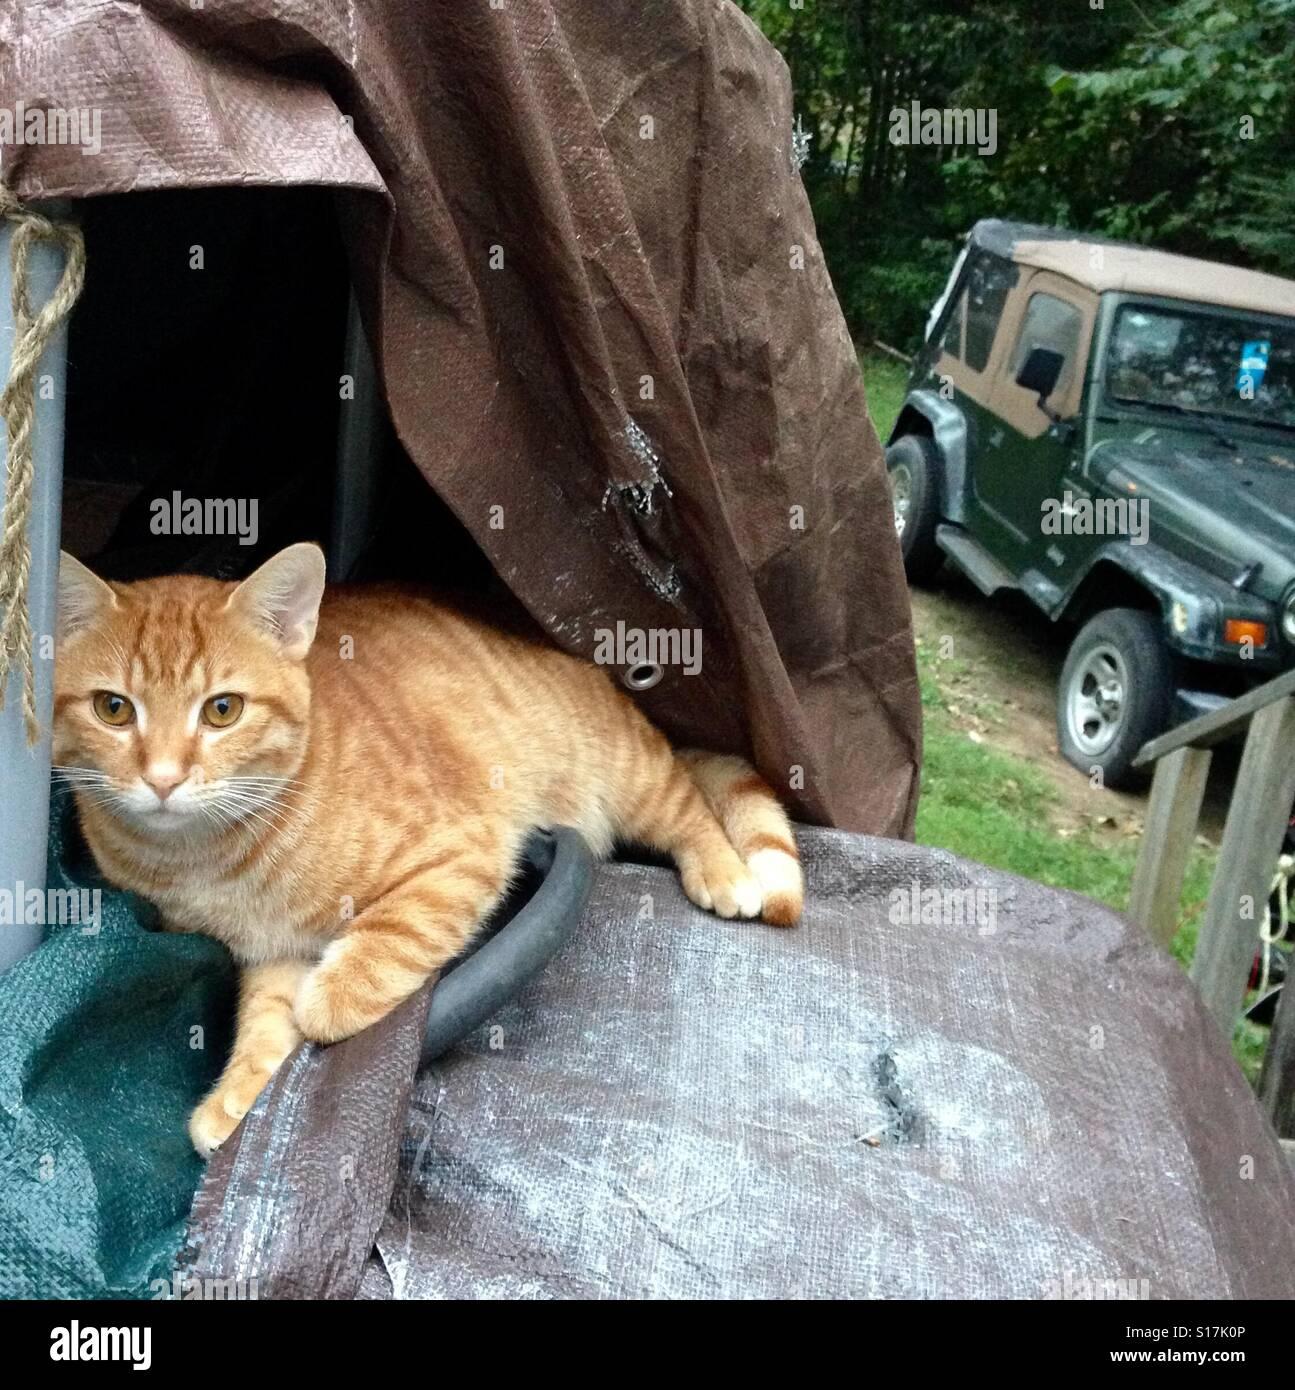 Hermosa y ahora 'murdered' naranja atigrado tomcat, una amada mascota al aire libre que mi mal vecino ha Imagen De Stock